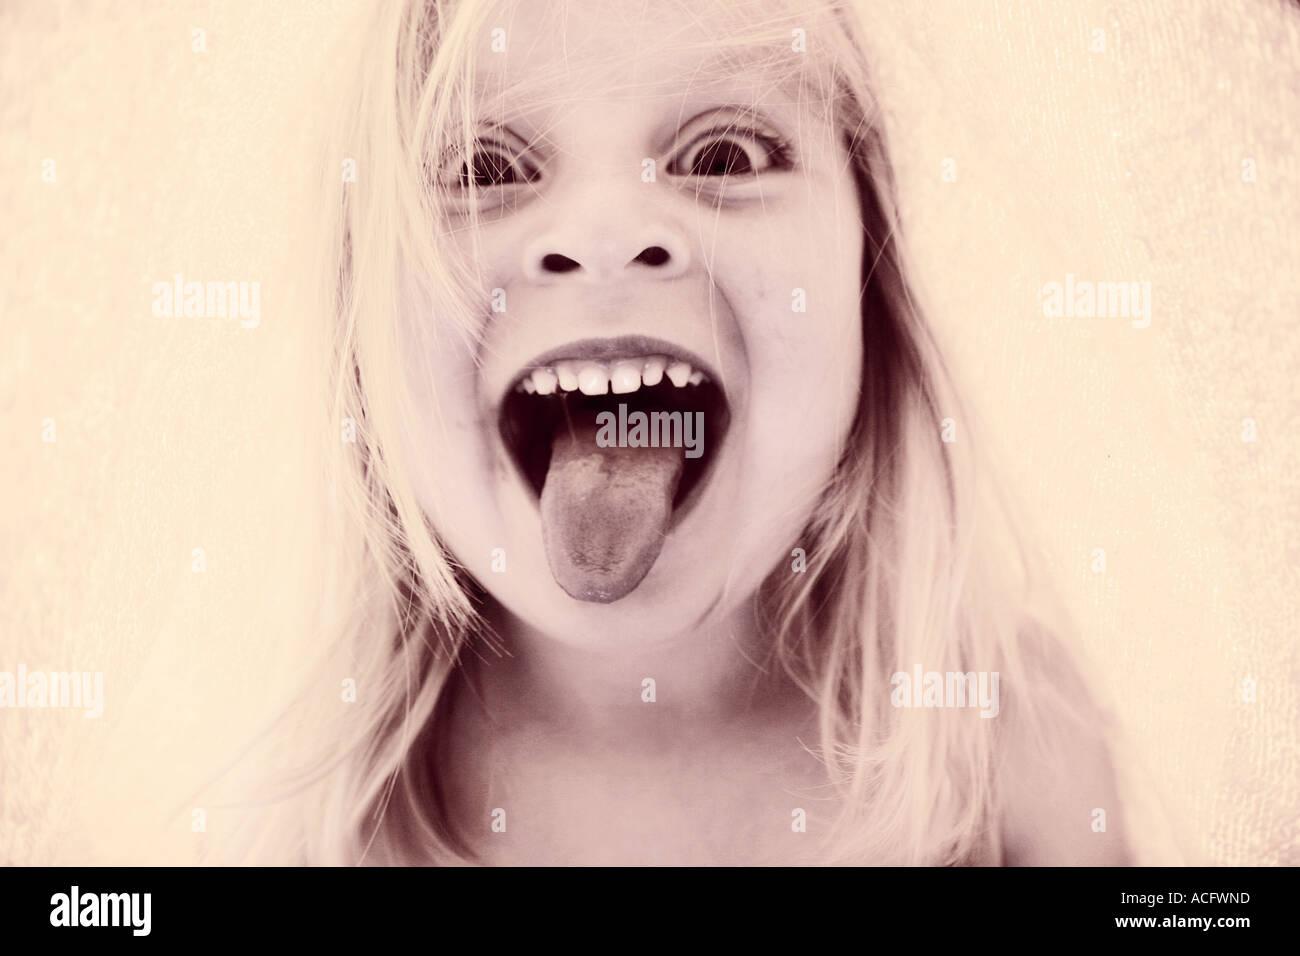 Foto di un bambino il suo incollaggio con la lingua fuori Immagini Stock